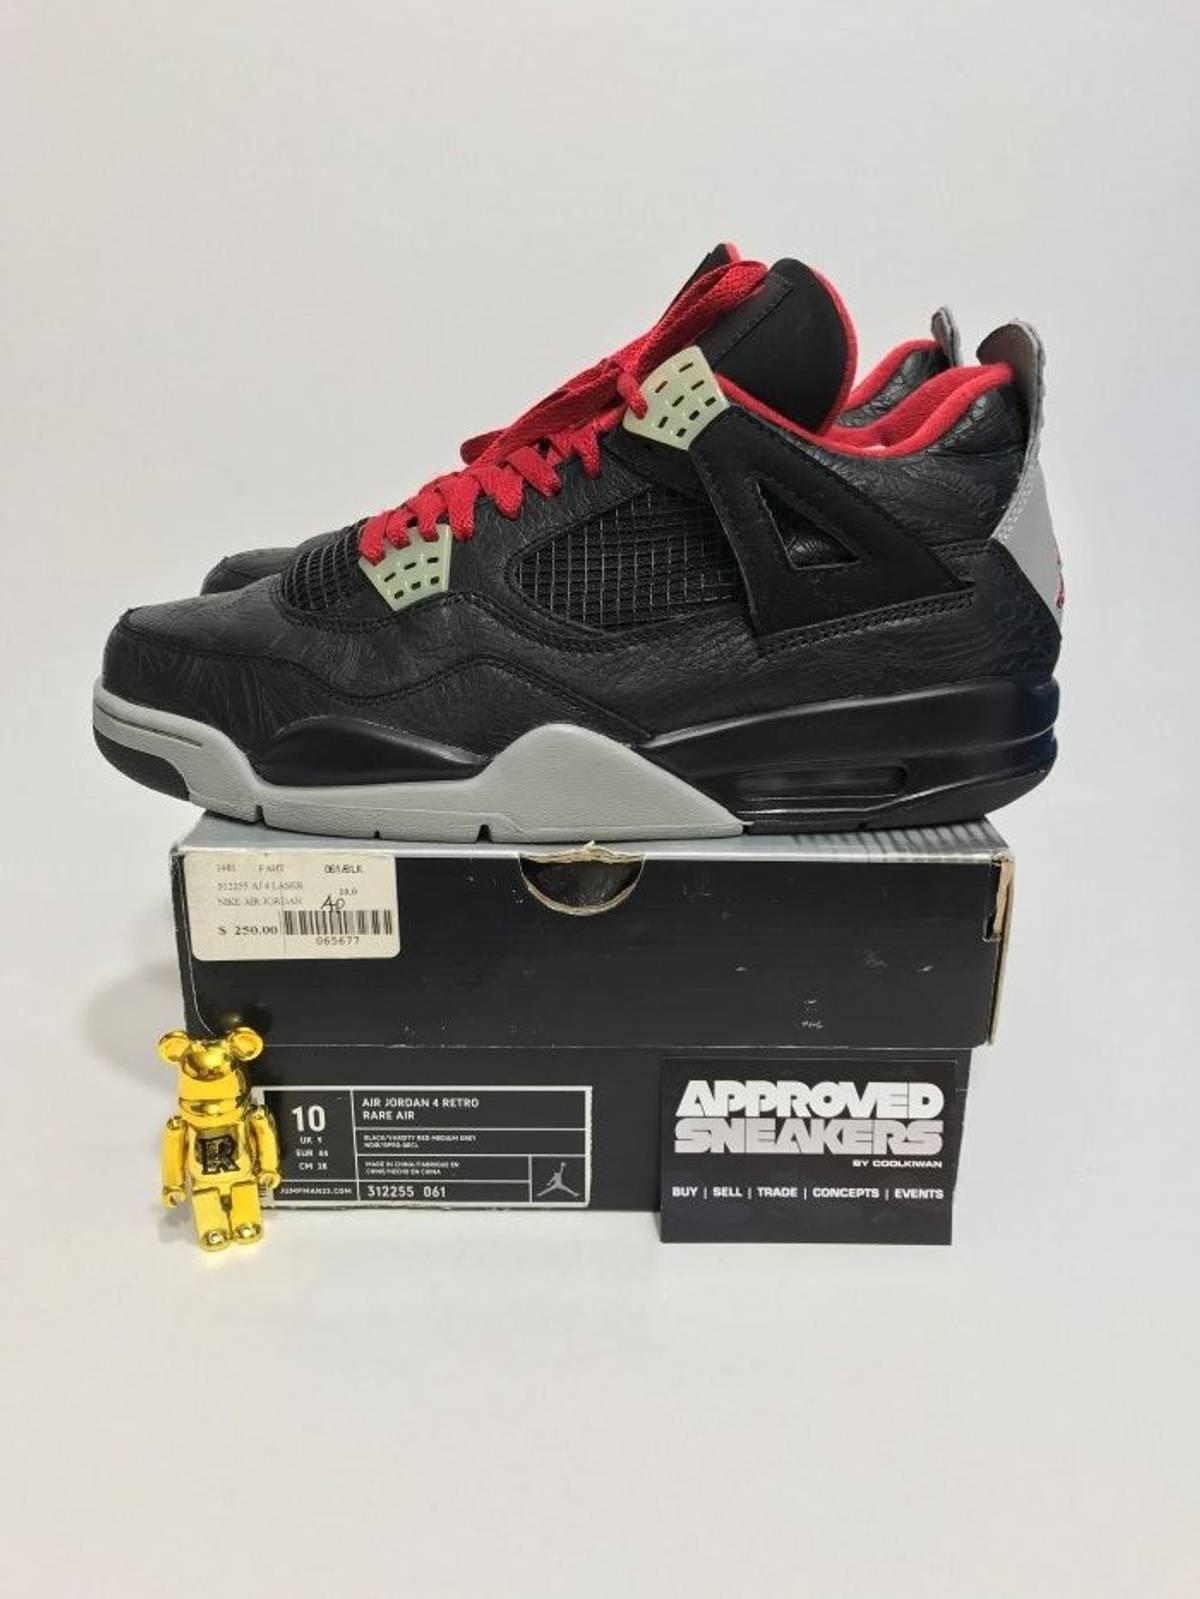 nike air jordan 4 retro ra rare air black laser 312255 061 us10 44 bred black